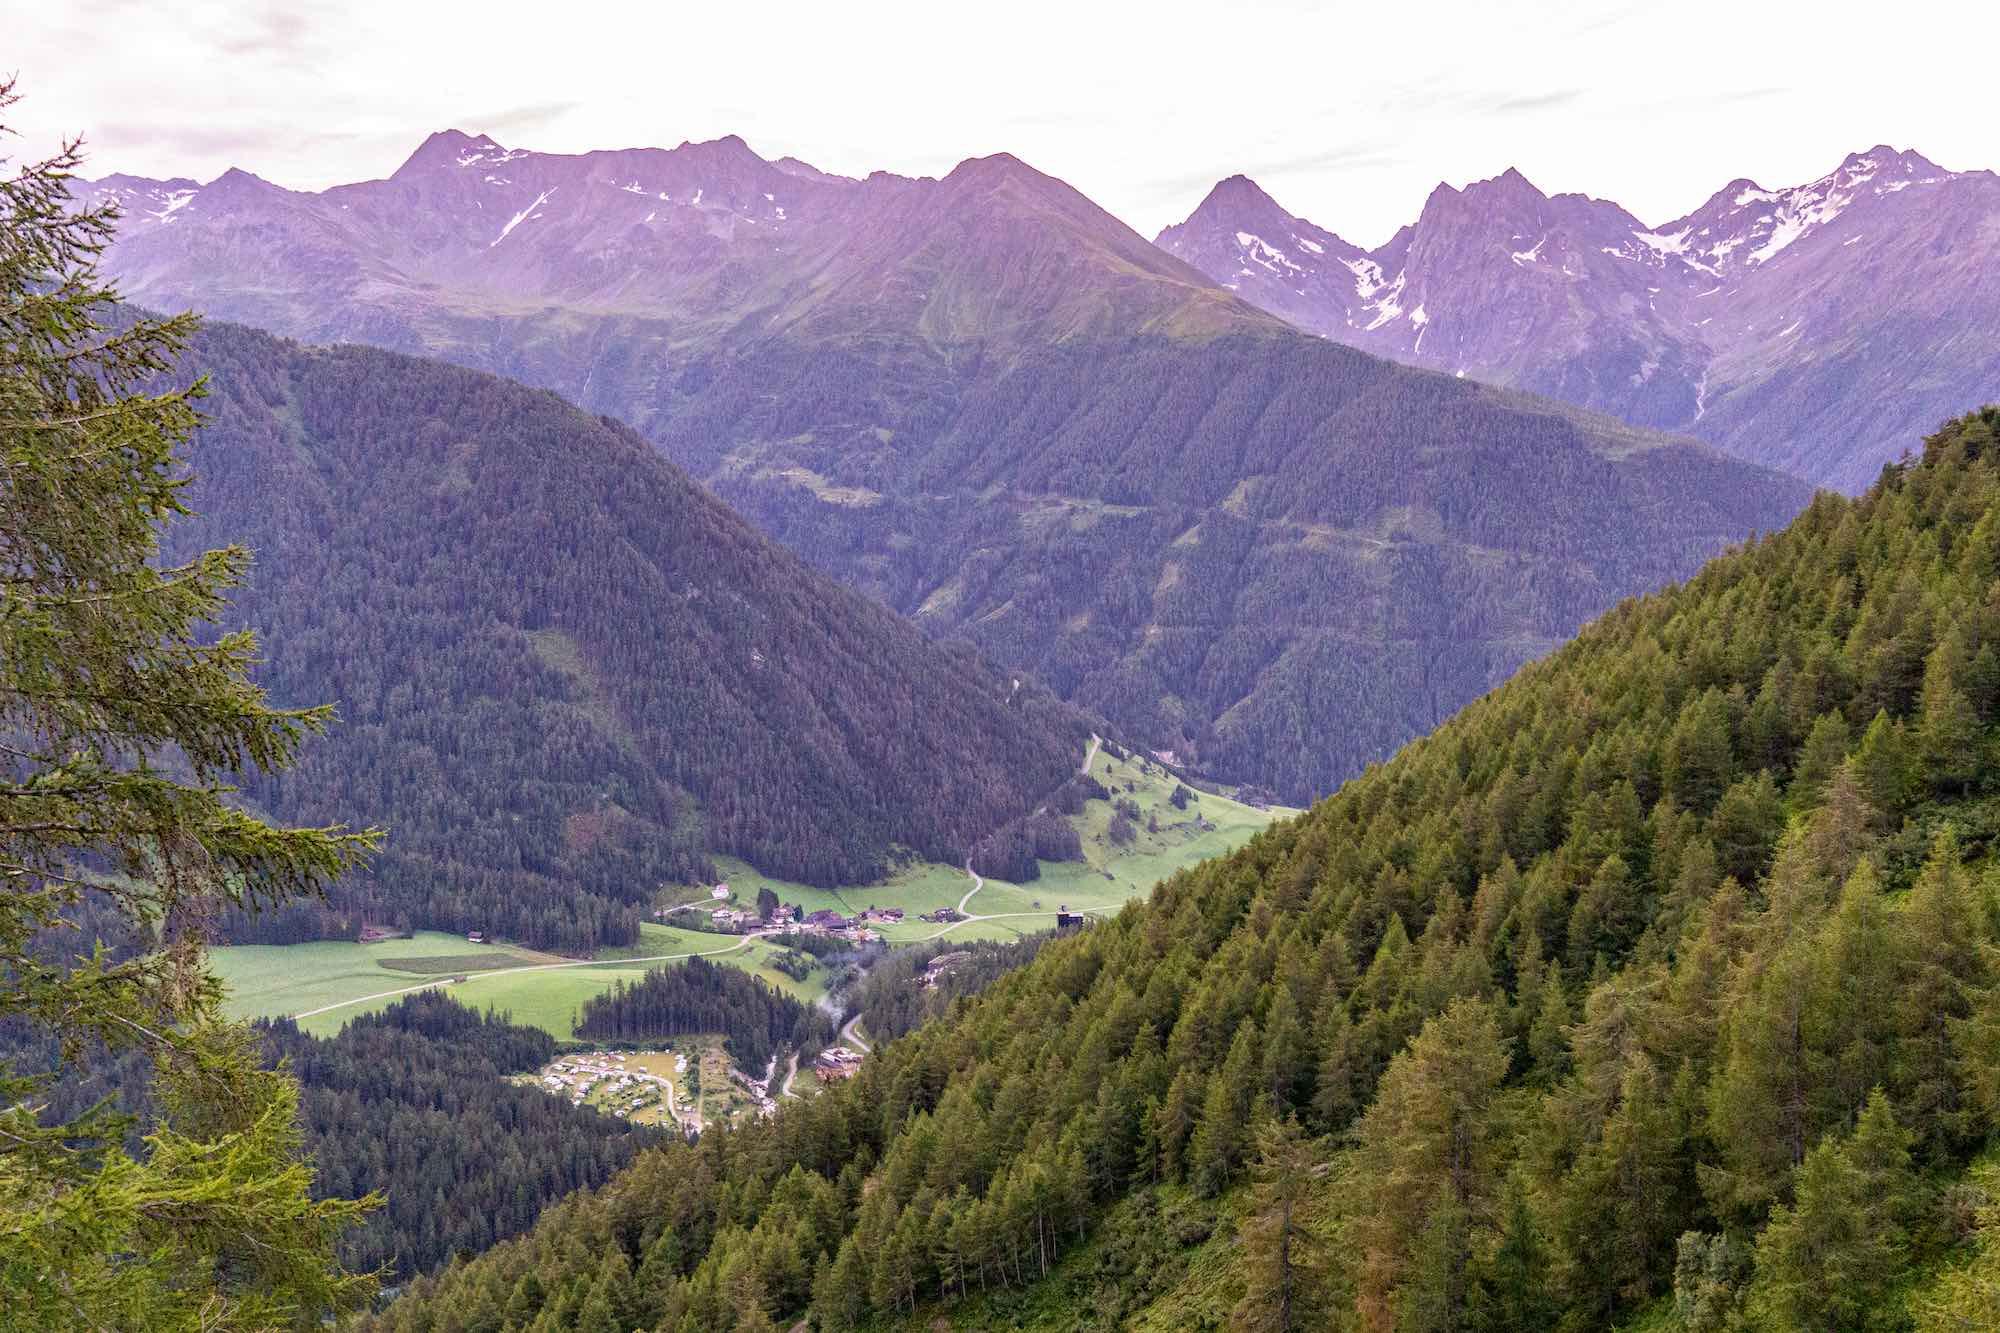 The valley of Kals Am Grossglockner